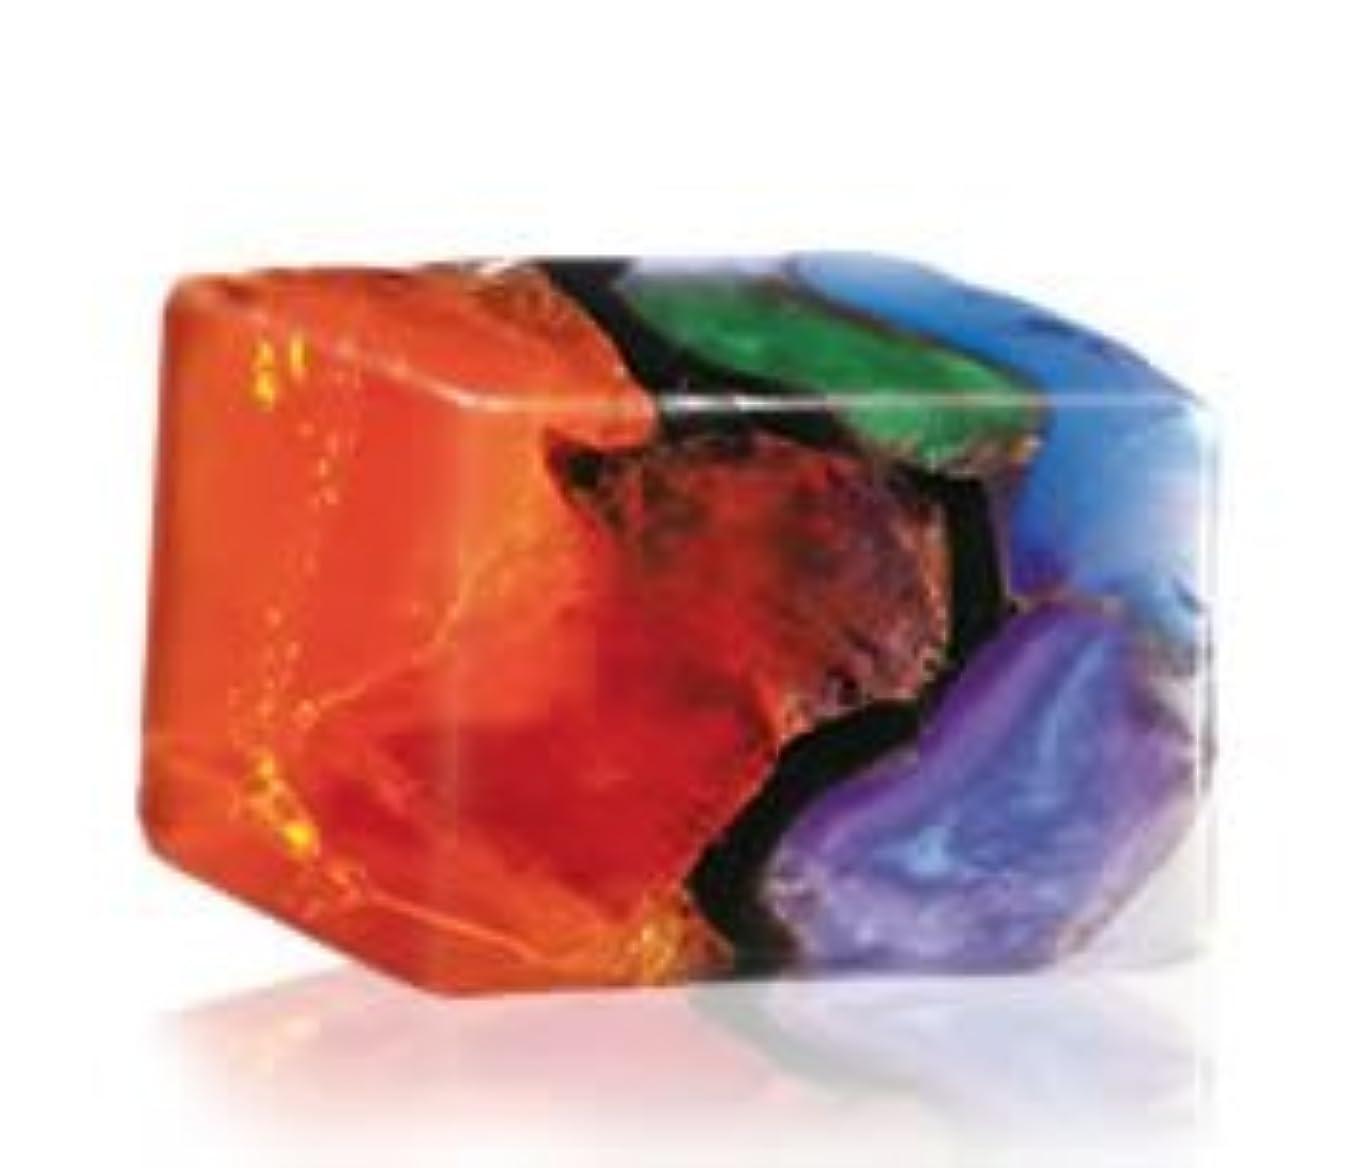 ルート姪疫病Savons Gemme サボンジェム 世界で一番美しい宝石石鹸 フレグランスソープ ファイアオパール 170g【日本総代理店品】